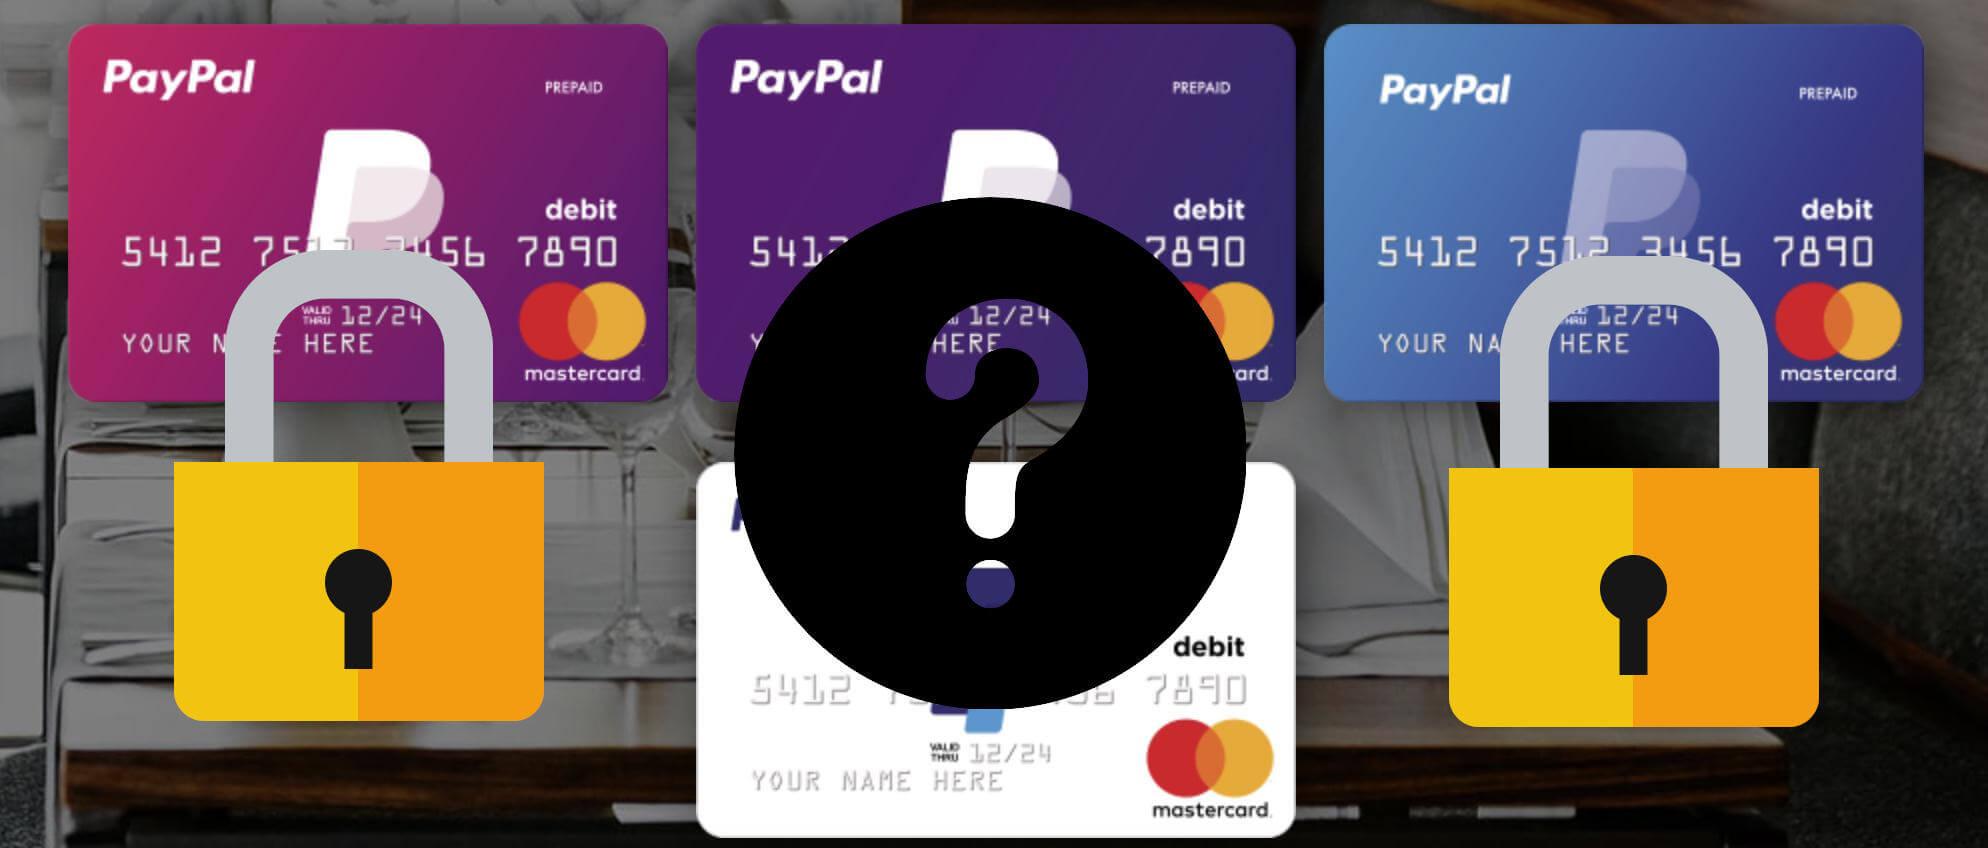 que es mas seguro: pagar con paypal o con tarjeta de credito